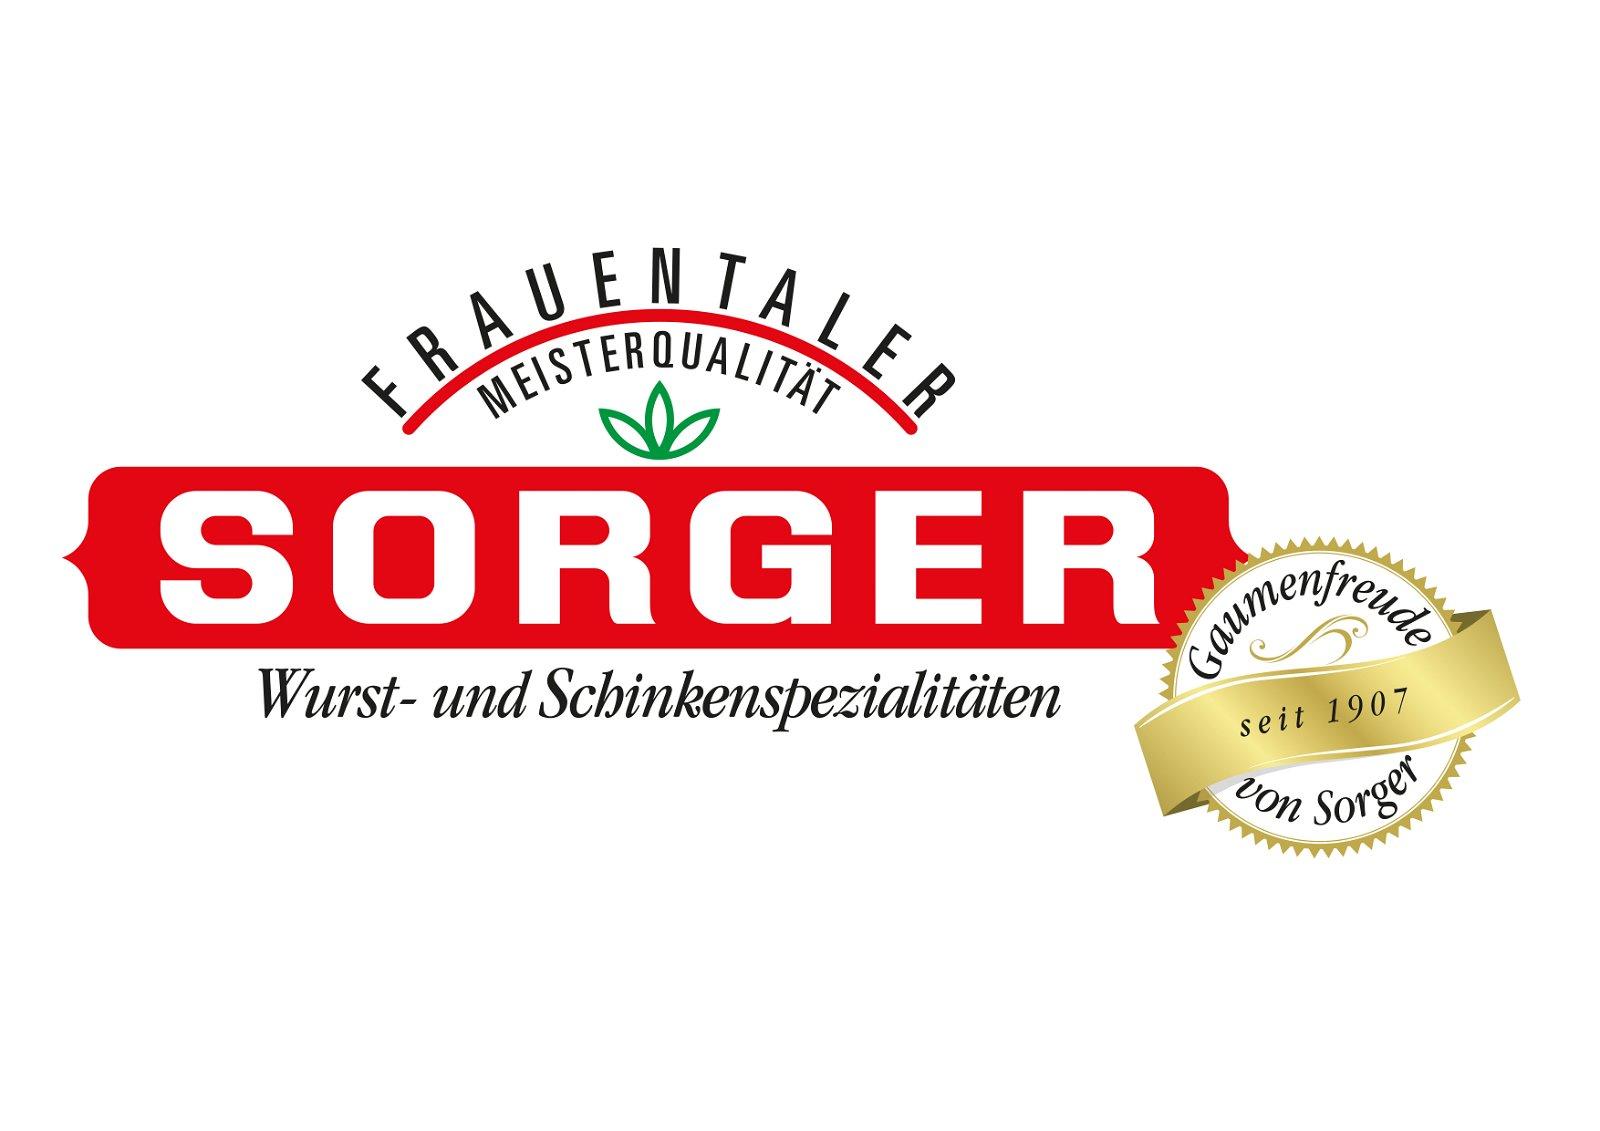 Sorger Wurst- und Schinkenspezialitäten GmbH